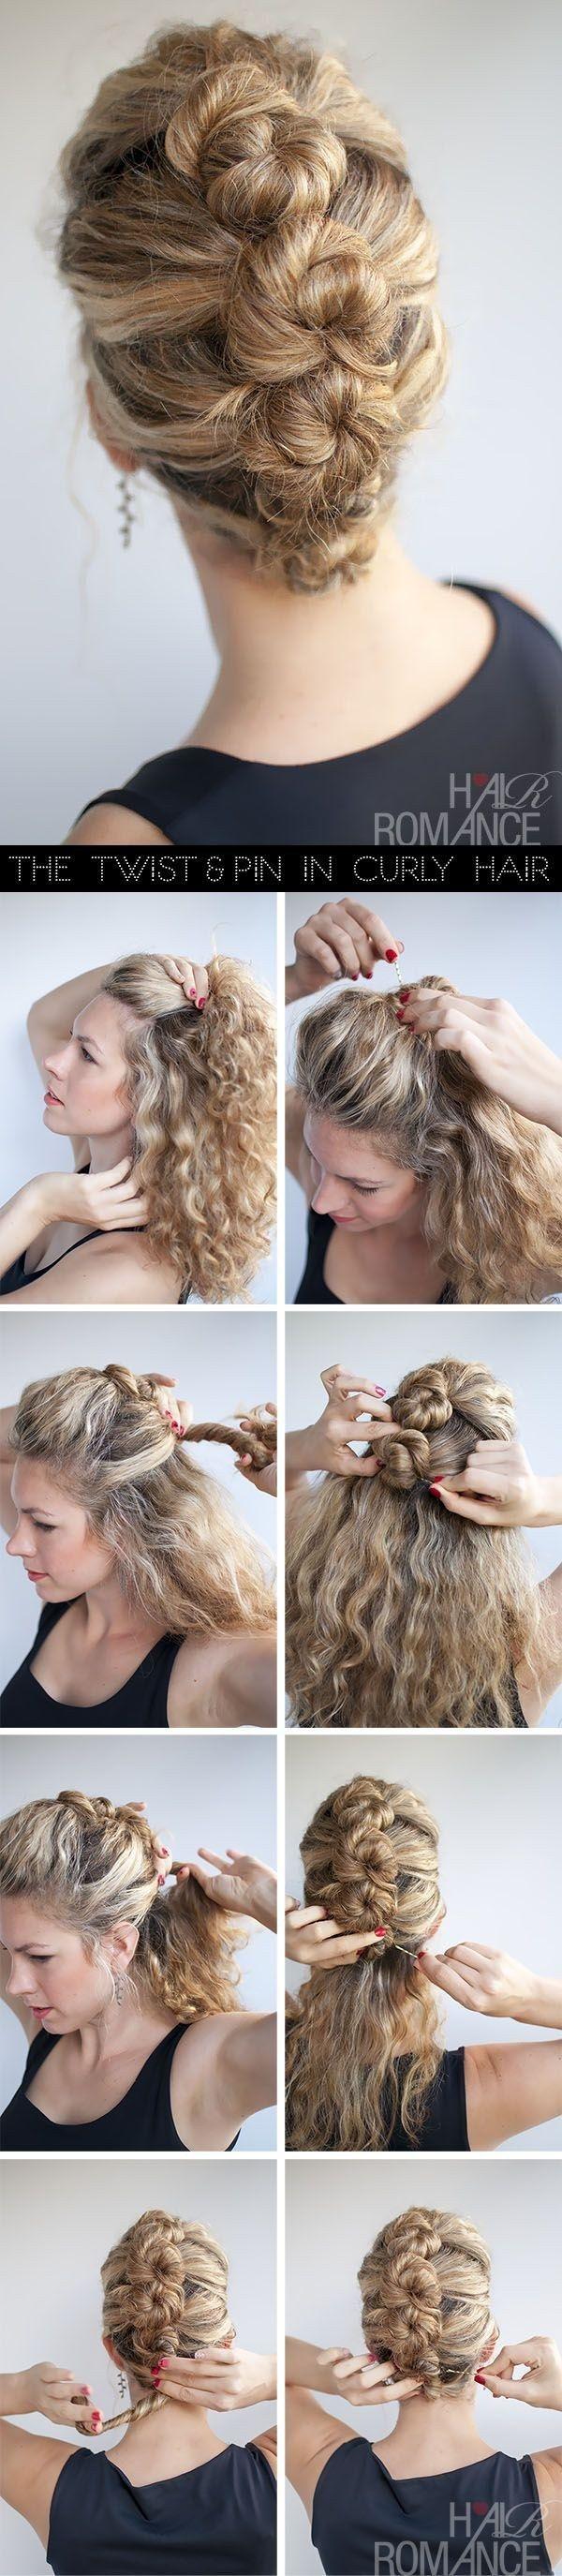 VÁRIOS penteados-cabelo cacheado (2)